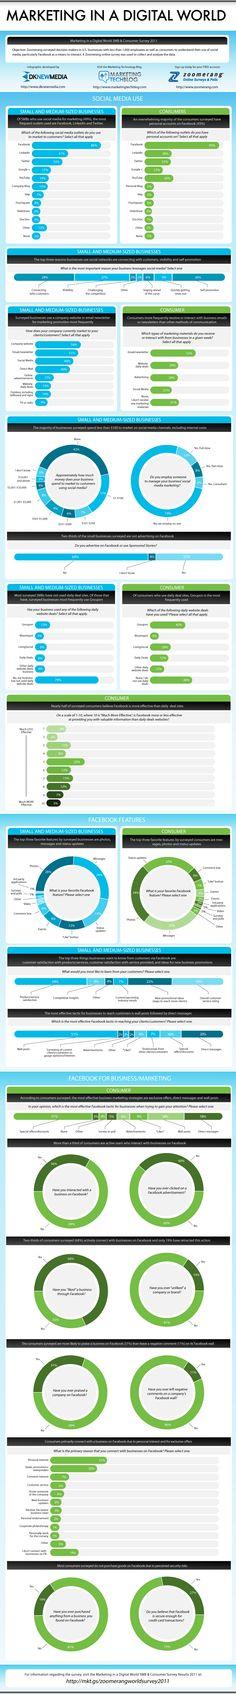 Consumer vs Business Behavior in Social Media